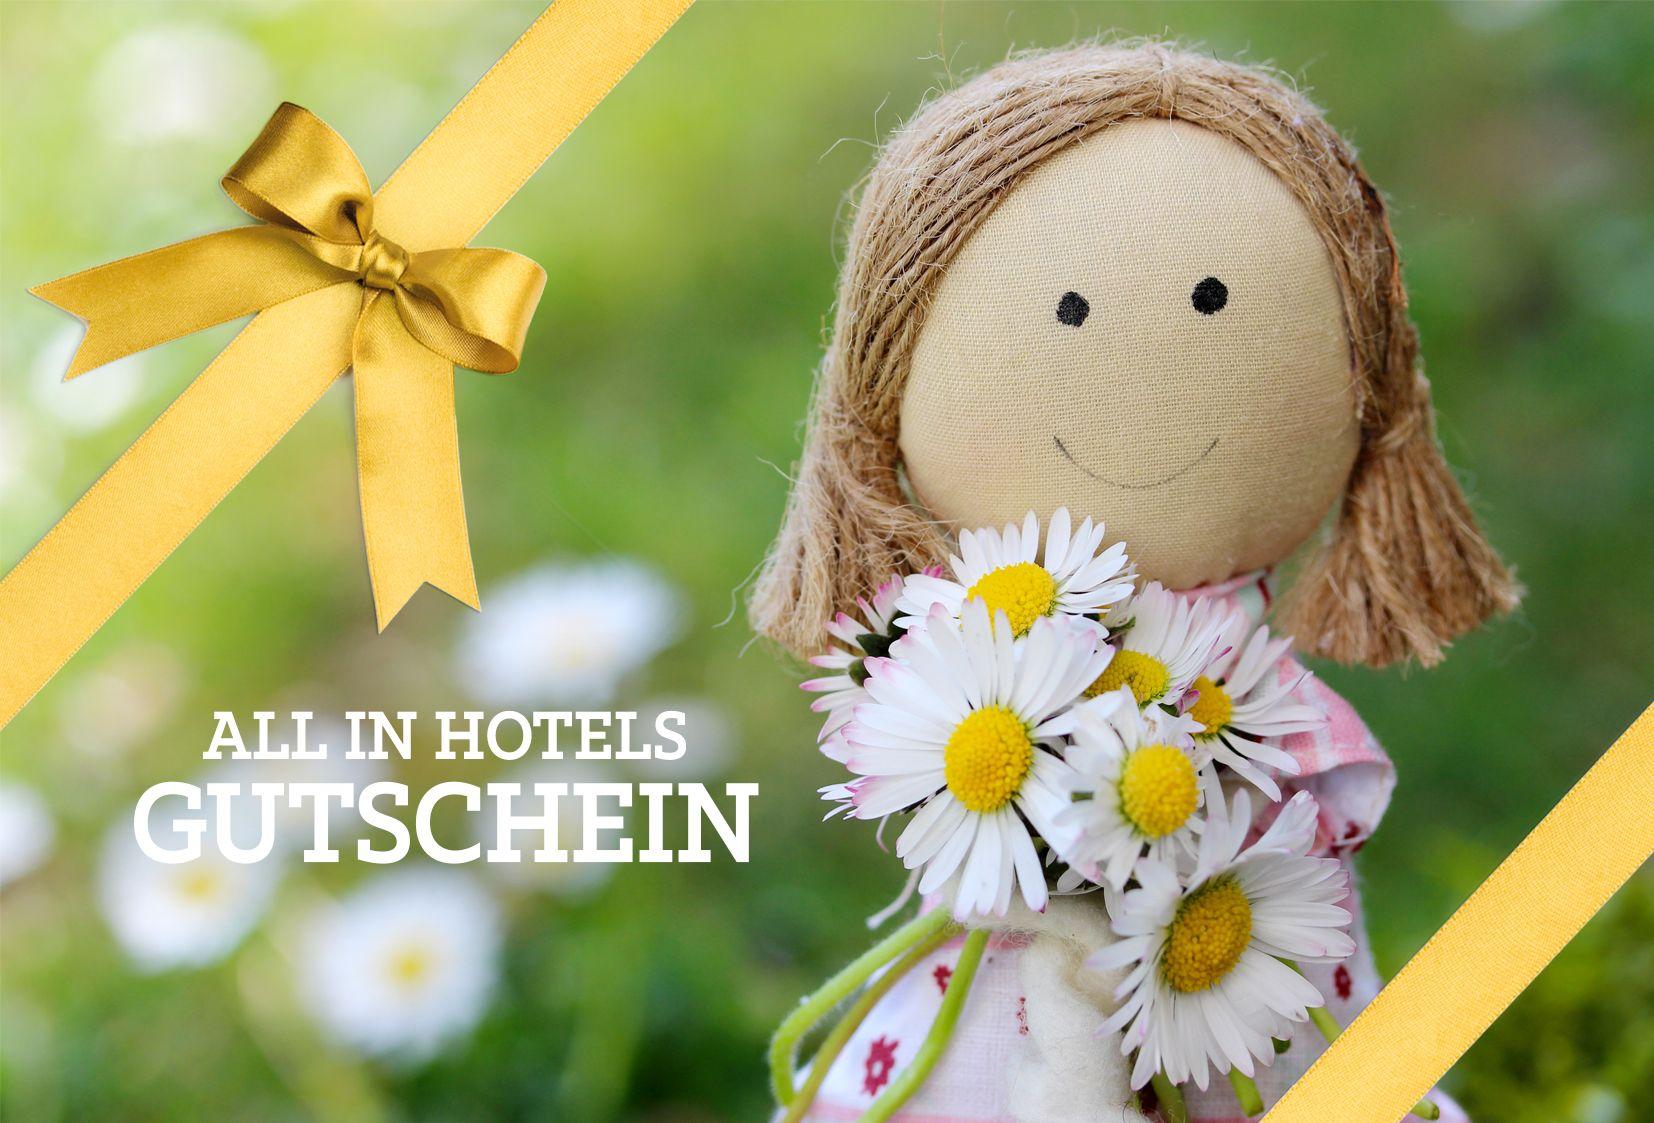 ALL IN Hotels Gutschein Foto Puppe mit Blumen, Schleife ...